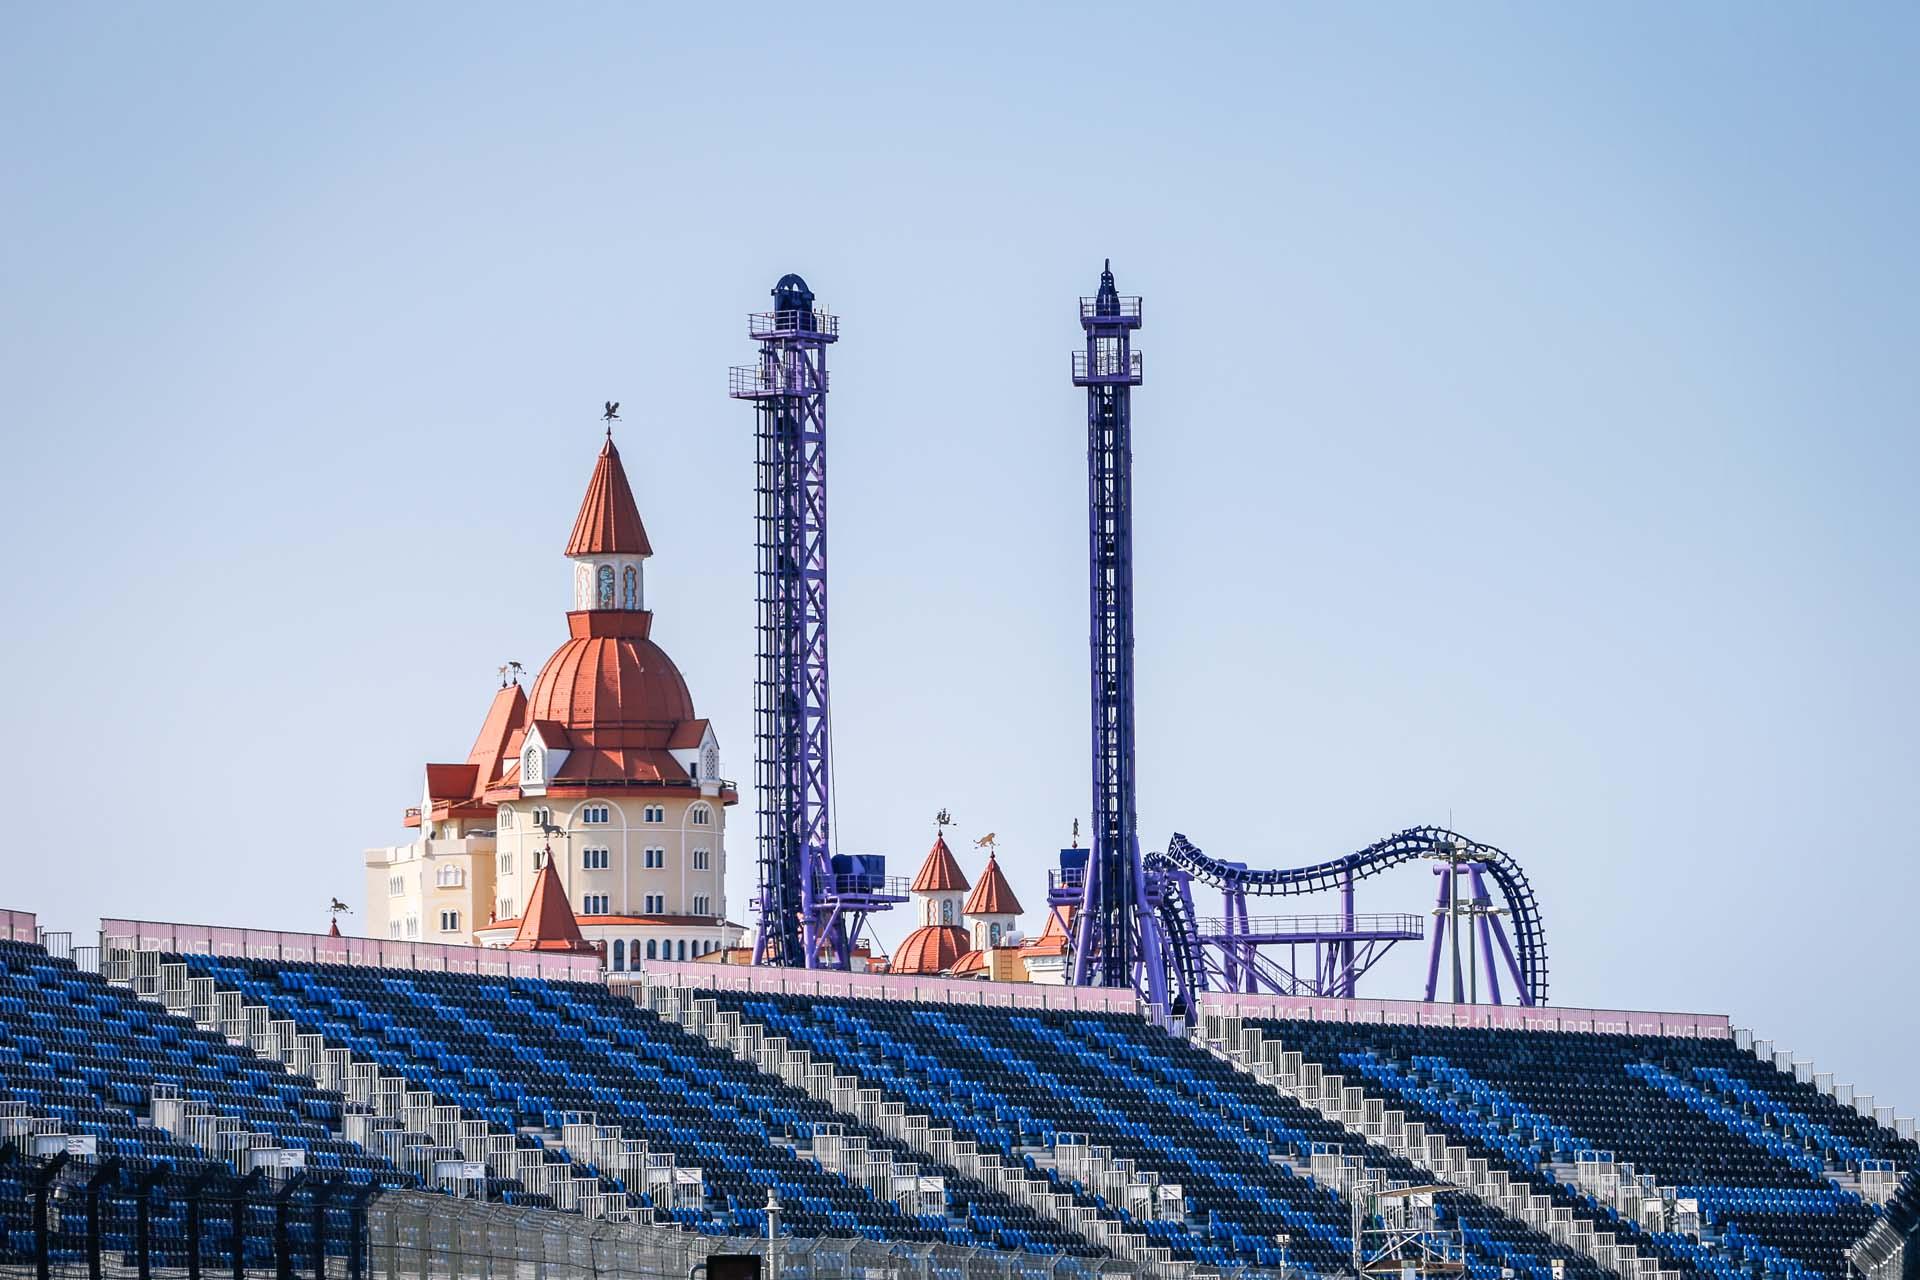 F1 - RUSSIAN GRAND PRIX 2020